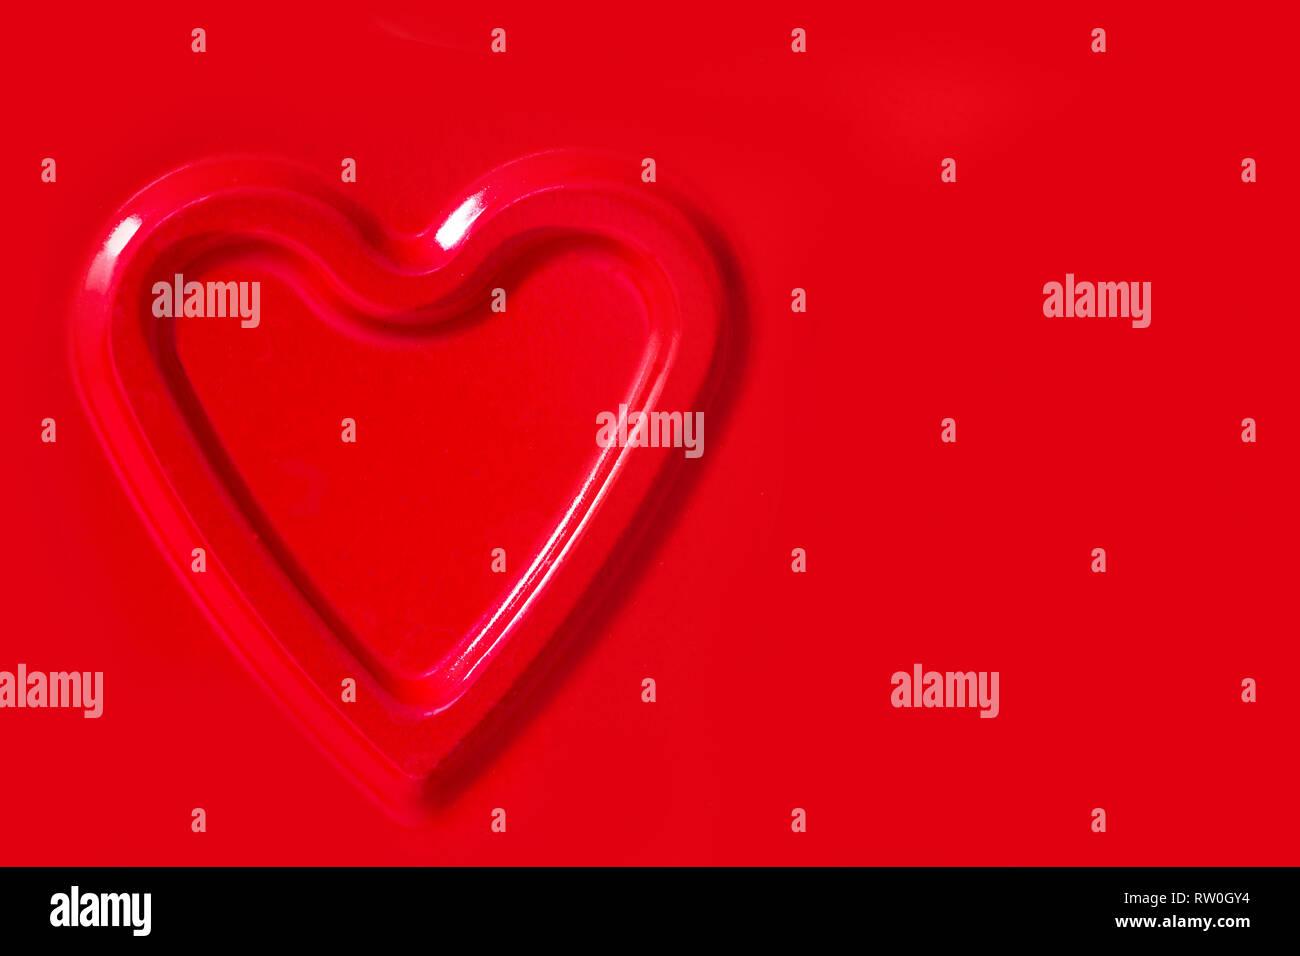 Le contour convexe du cœur sur un fond de fer rouge. Photo Stock